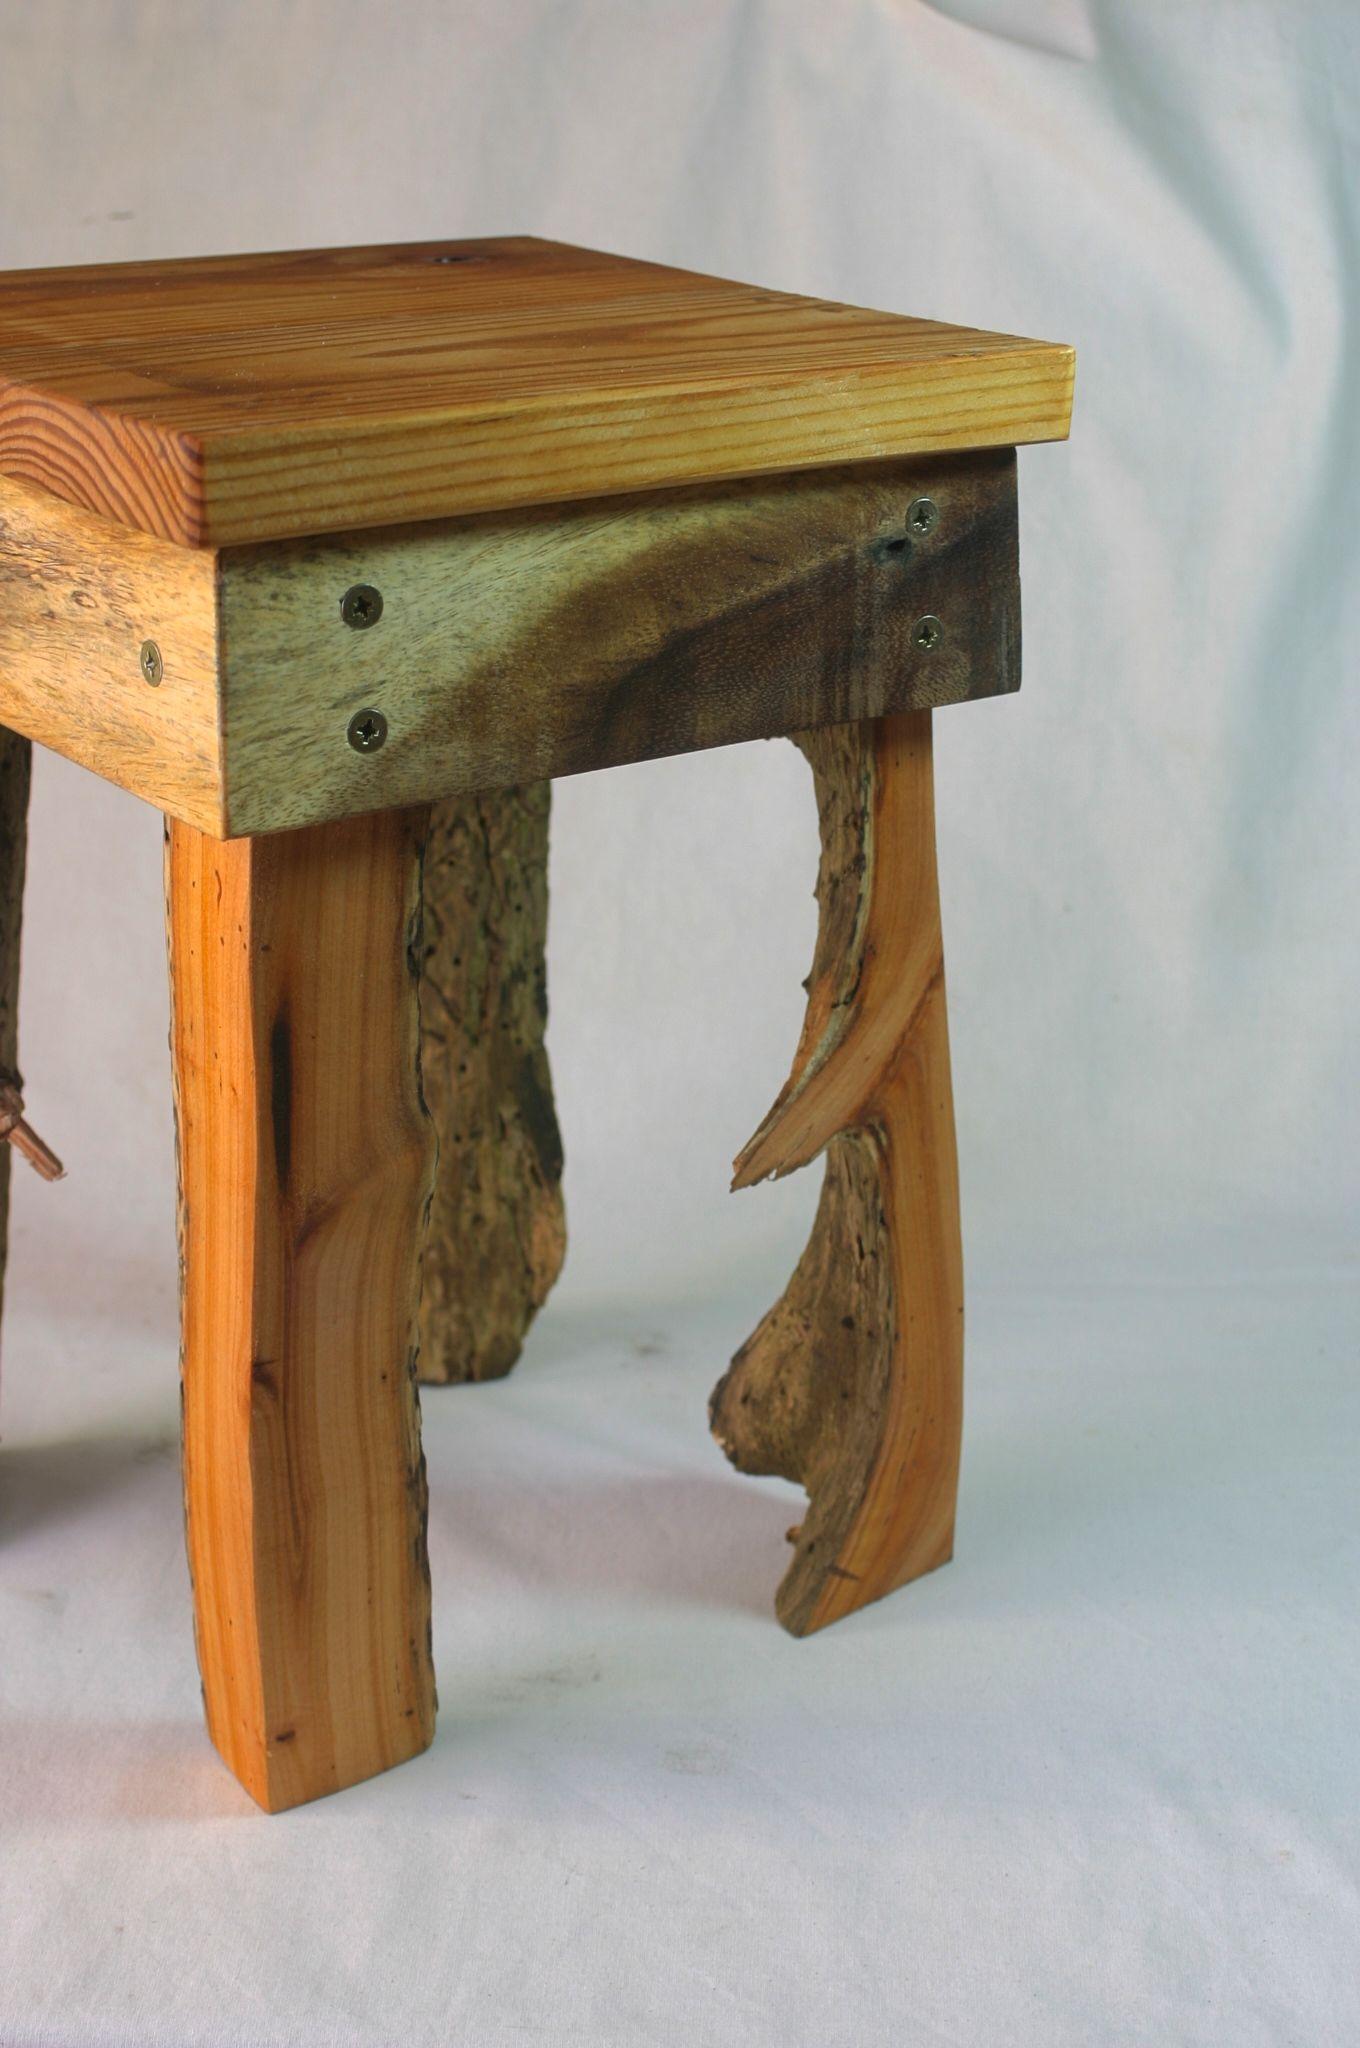 kleiner hocker aus fundst cken upcycling altholz wildholz. Black Bedroom Furniture Sets. Home Design Ideas